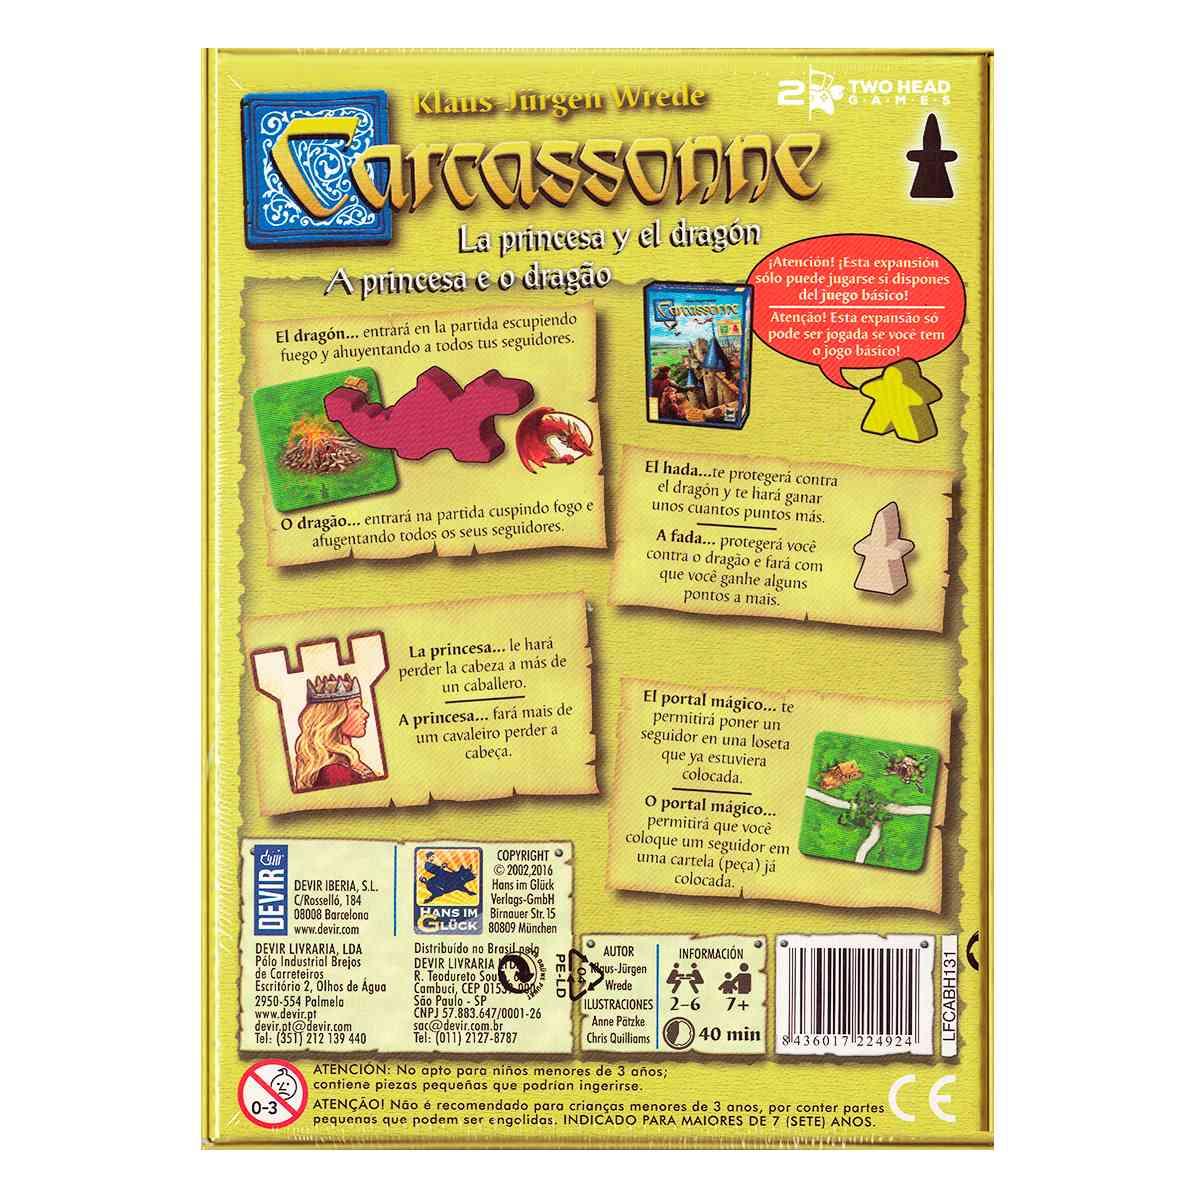 Carcassonne Expansão A Princesa e o Dragão 2 Edição